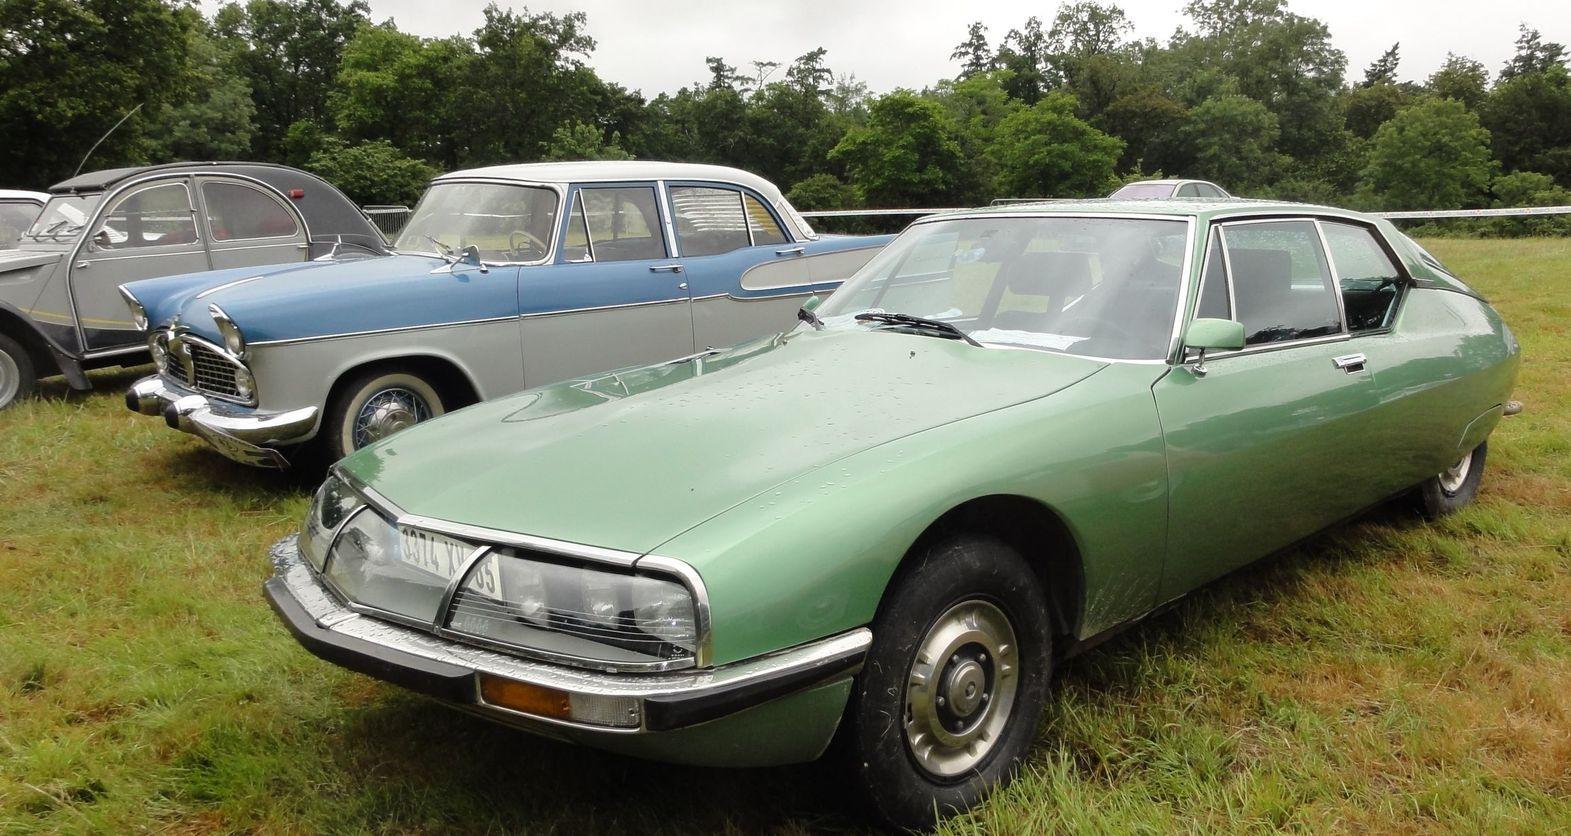 citroen sm 1972 france locomotion en fete cerny voiture de luxe limousine citro n france. Black Bedroom Furniture Sets. Home Design Ideas